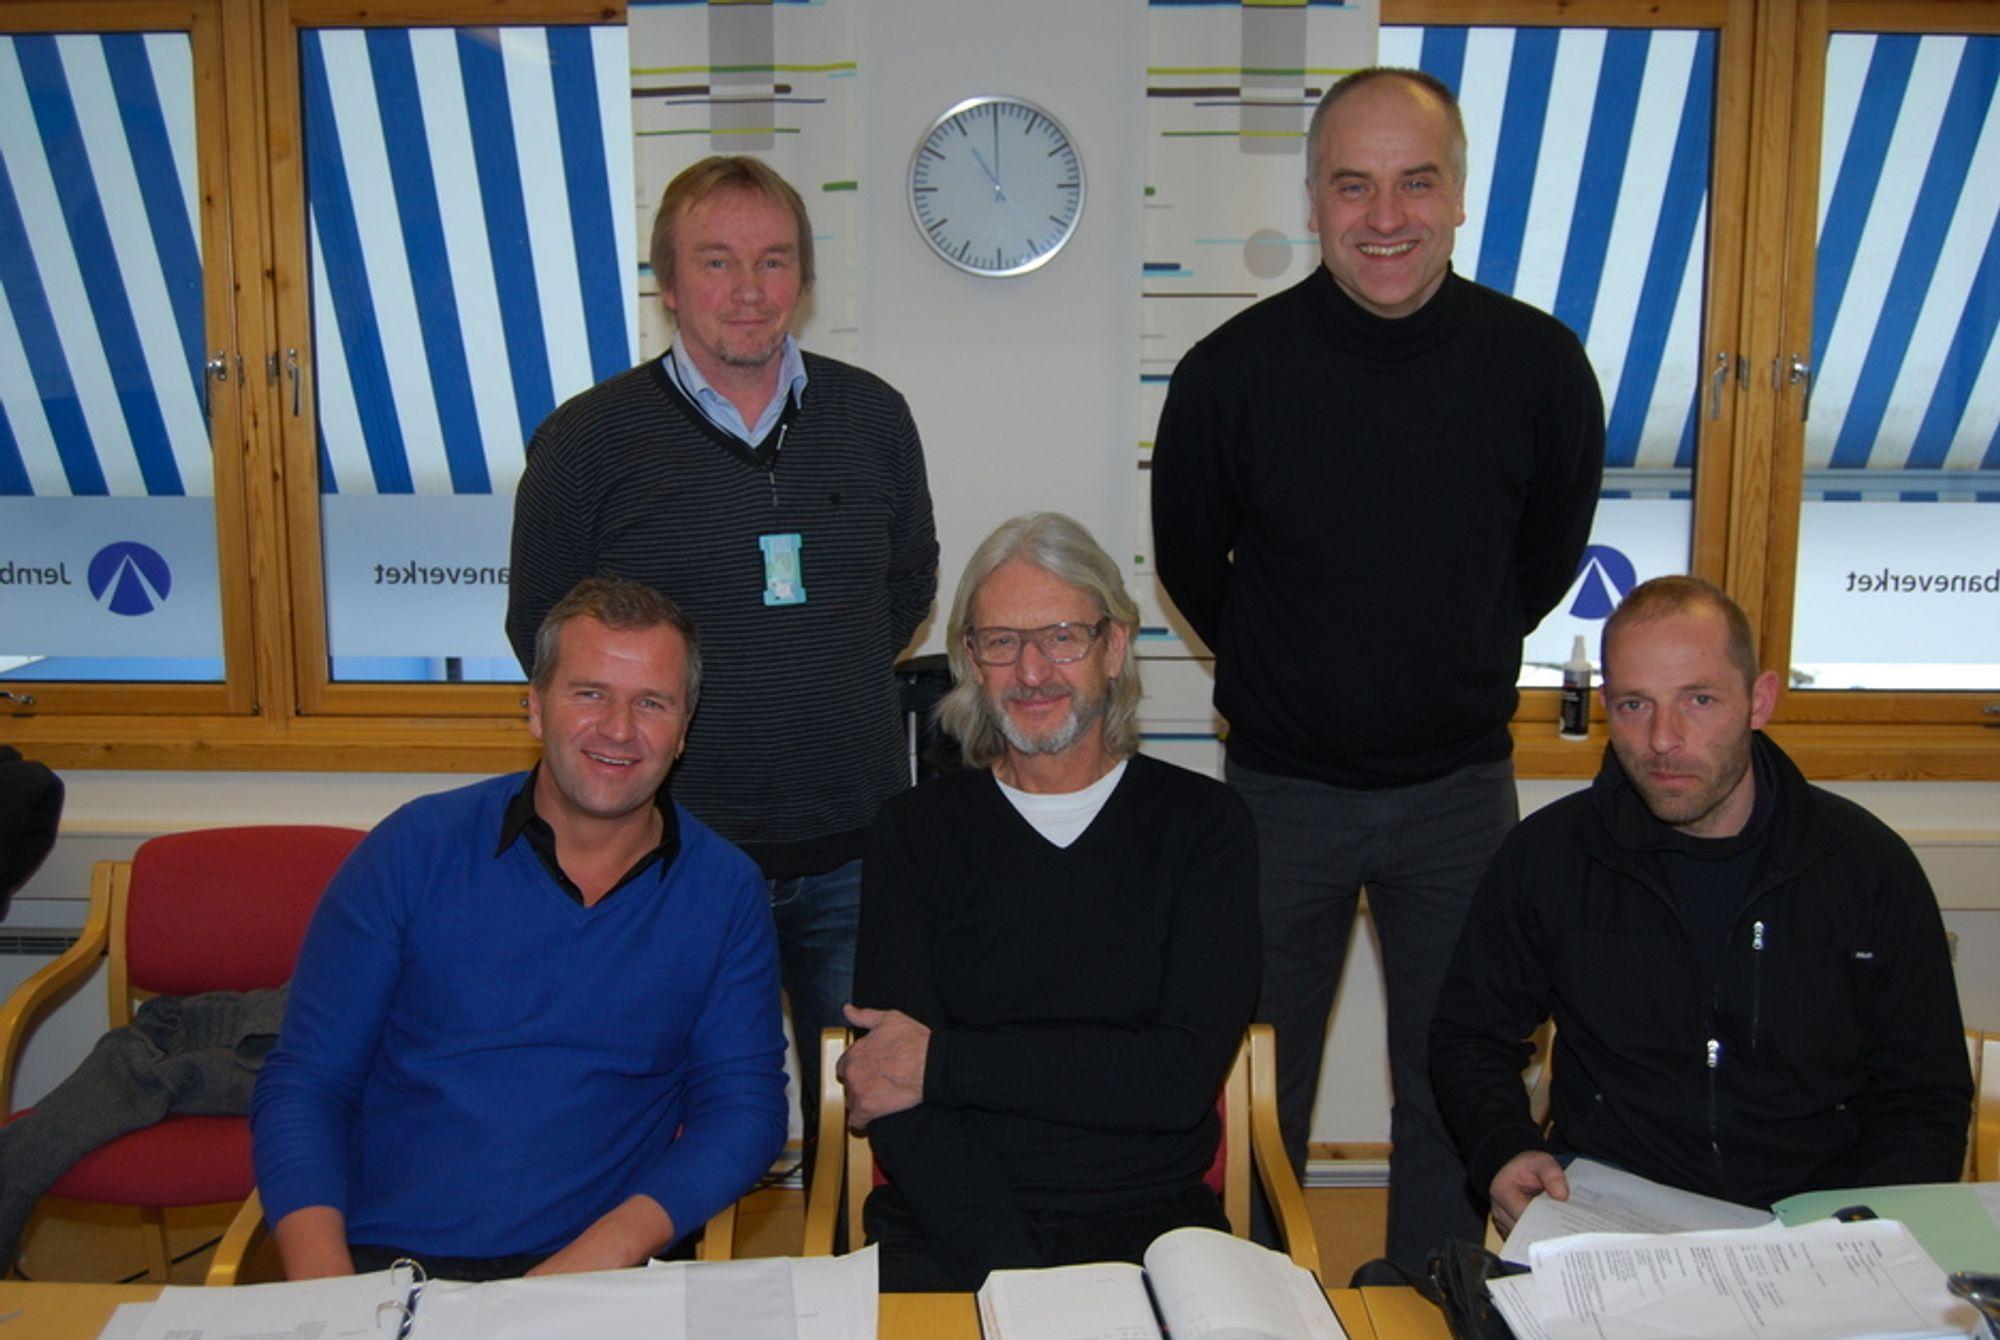 UNDERTEGNET: Roger Willke (underentreprenør) og Thomas Dittmann fra Wiebe (foran f.v.) sammen med Christian Gsella (tolk) . Bak står (f.v.) prosjektleder Christoffer Østvik og prosjekteringsleder Bjørn Strandholmen.